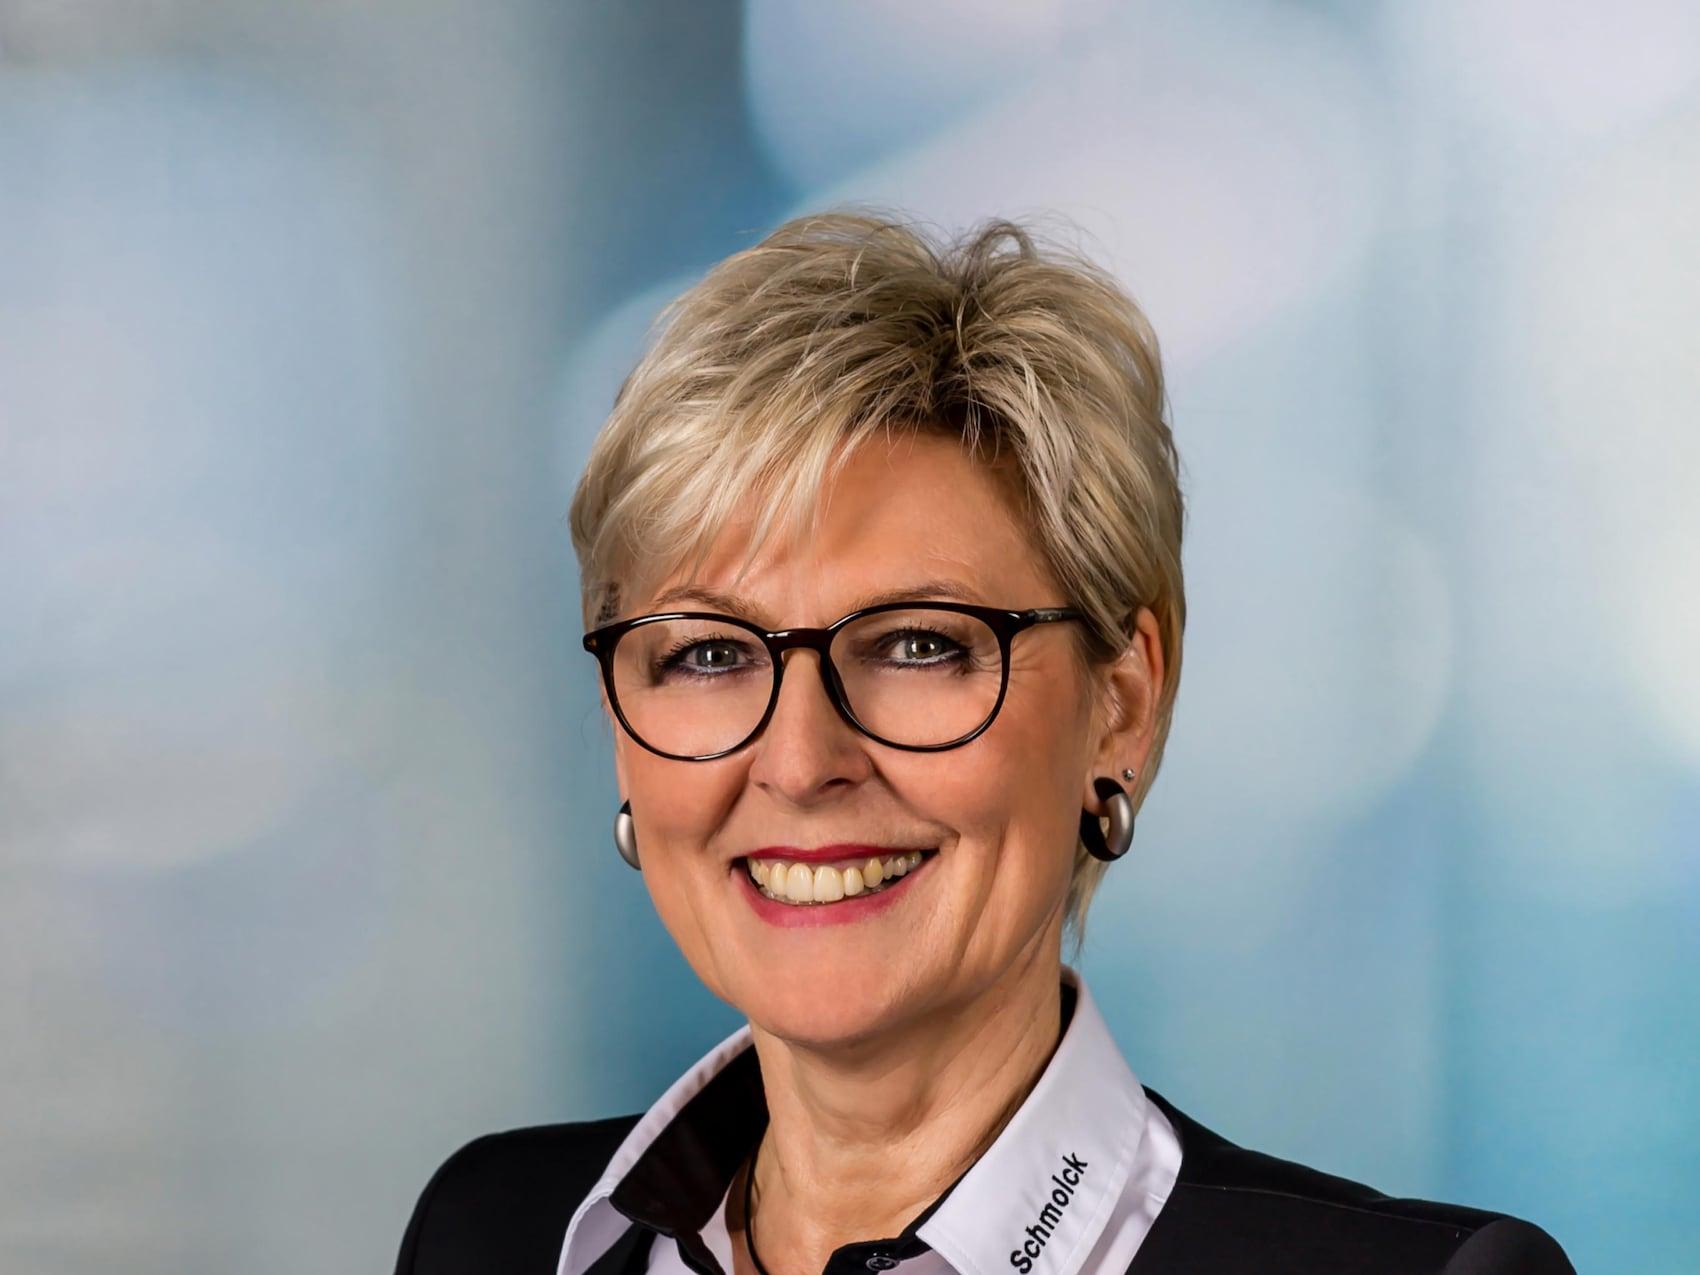 Sonja Fross